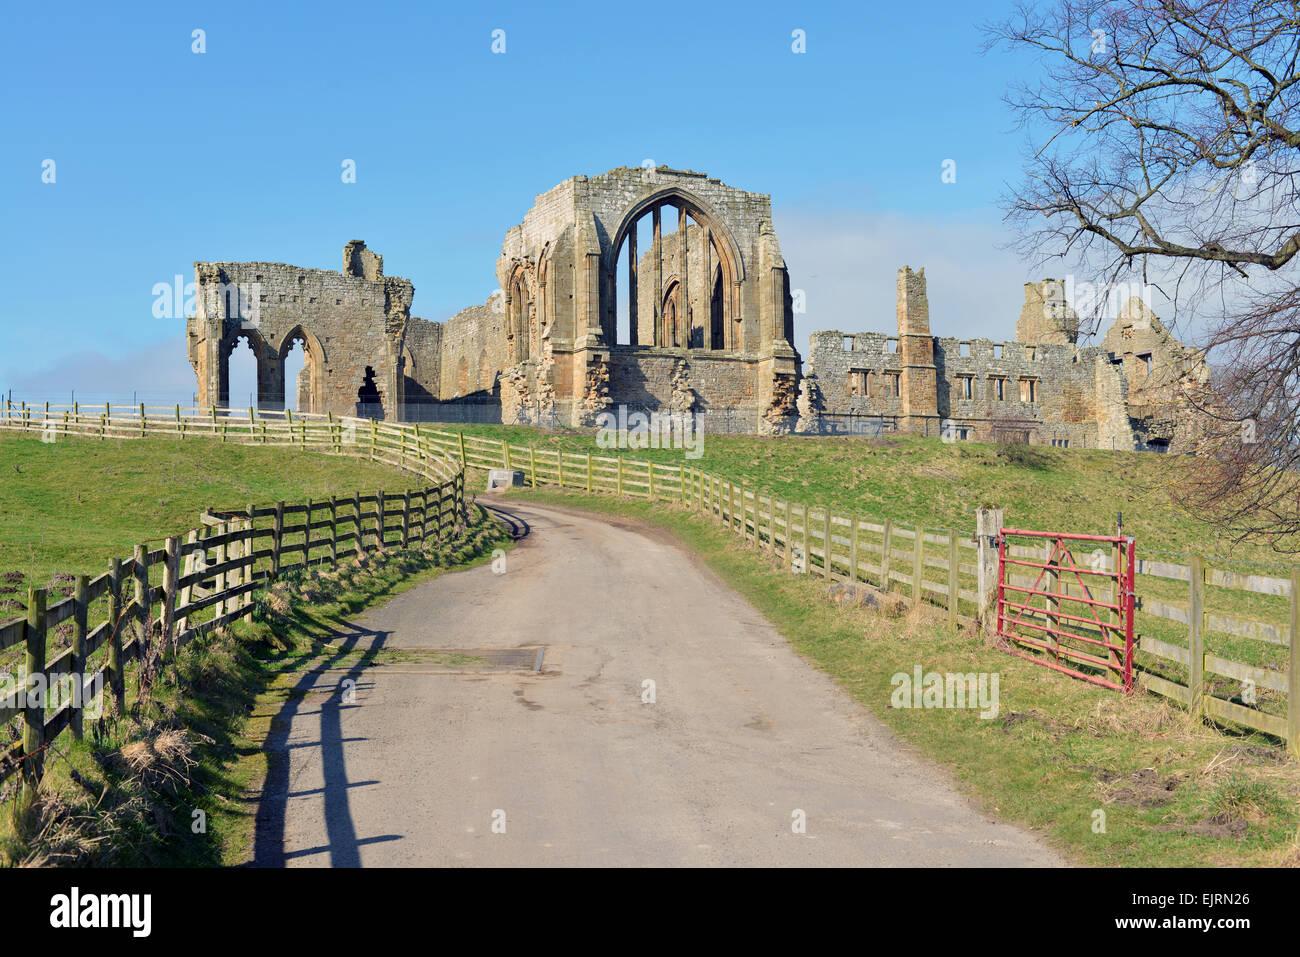 Egglestone Abbey, County Durham, UK - Stock Image